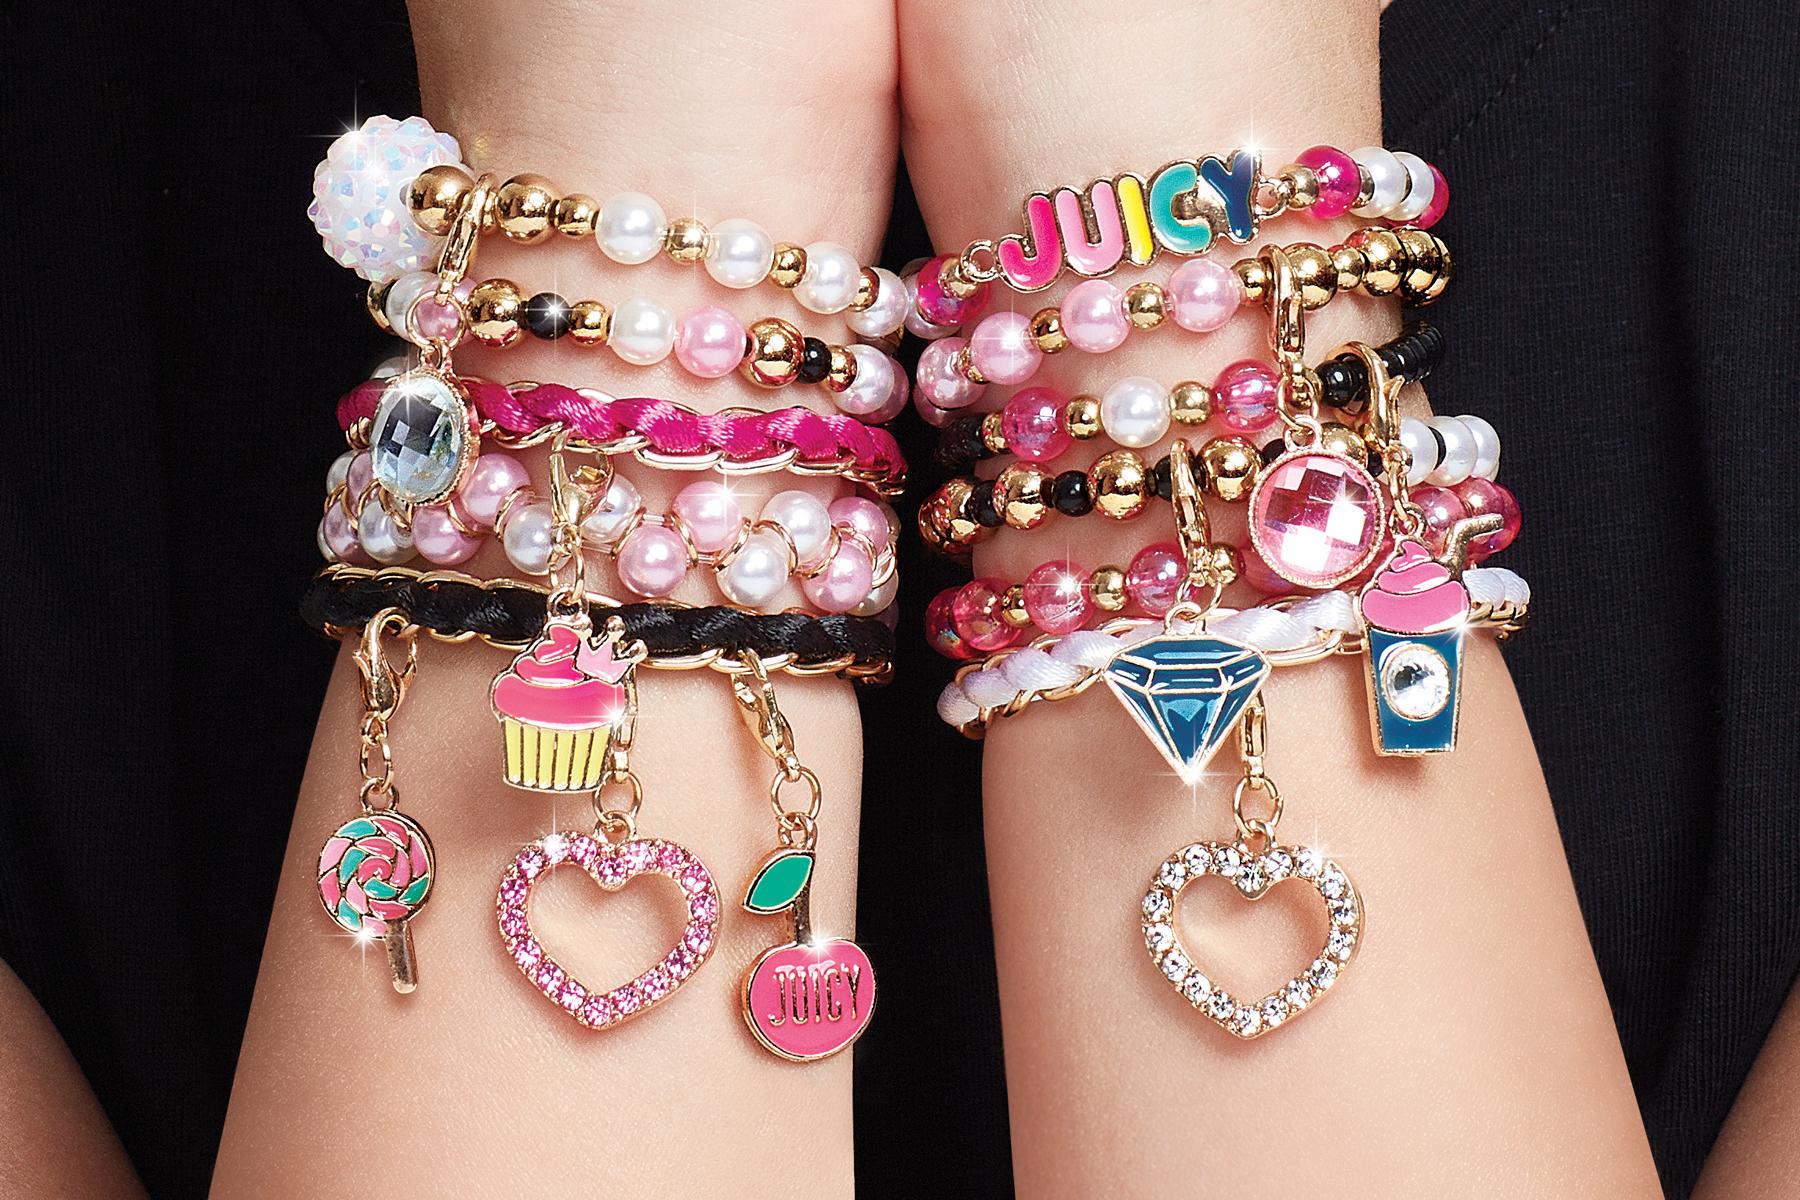 MAKE IT REAL Juicy Couture Käsitöö Komplekt - Roosad käevõrud